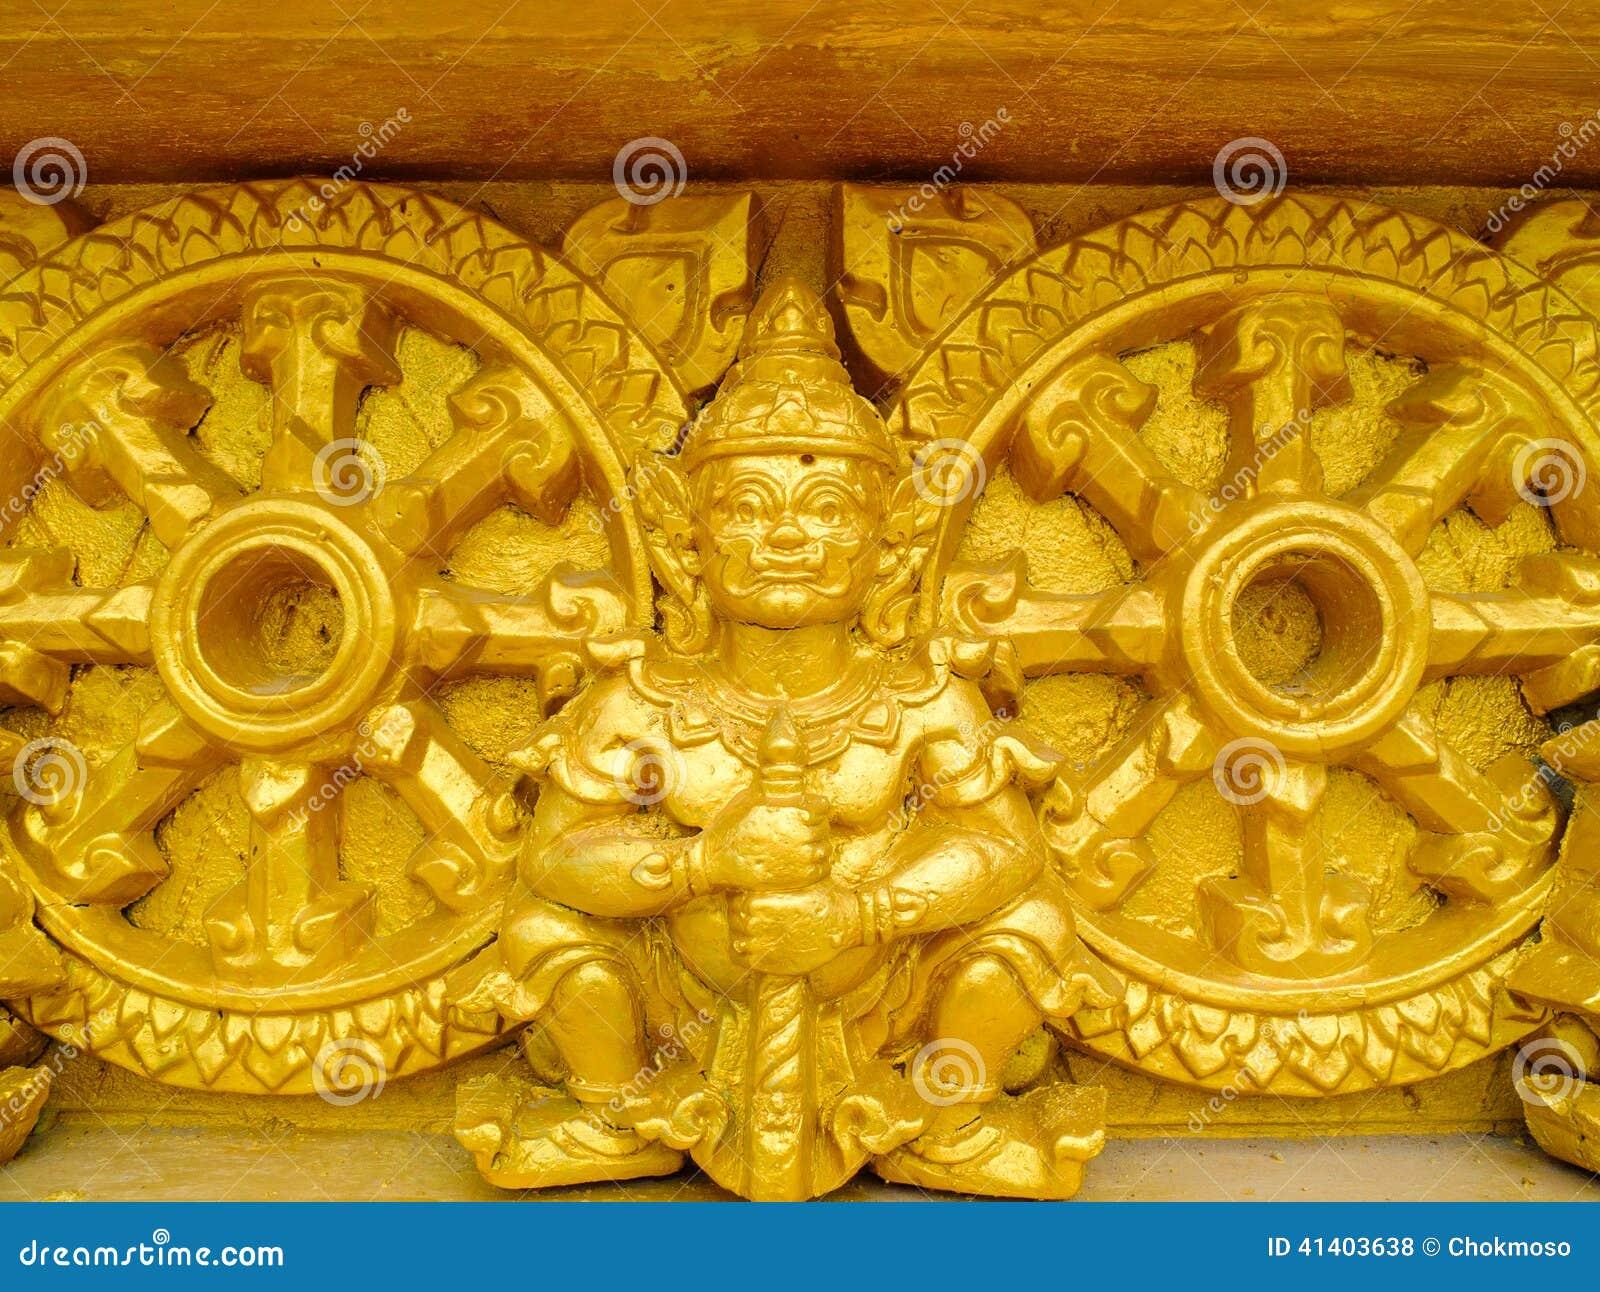 巨型金黄雕塑